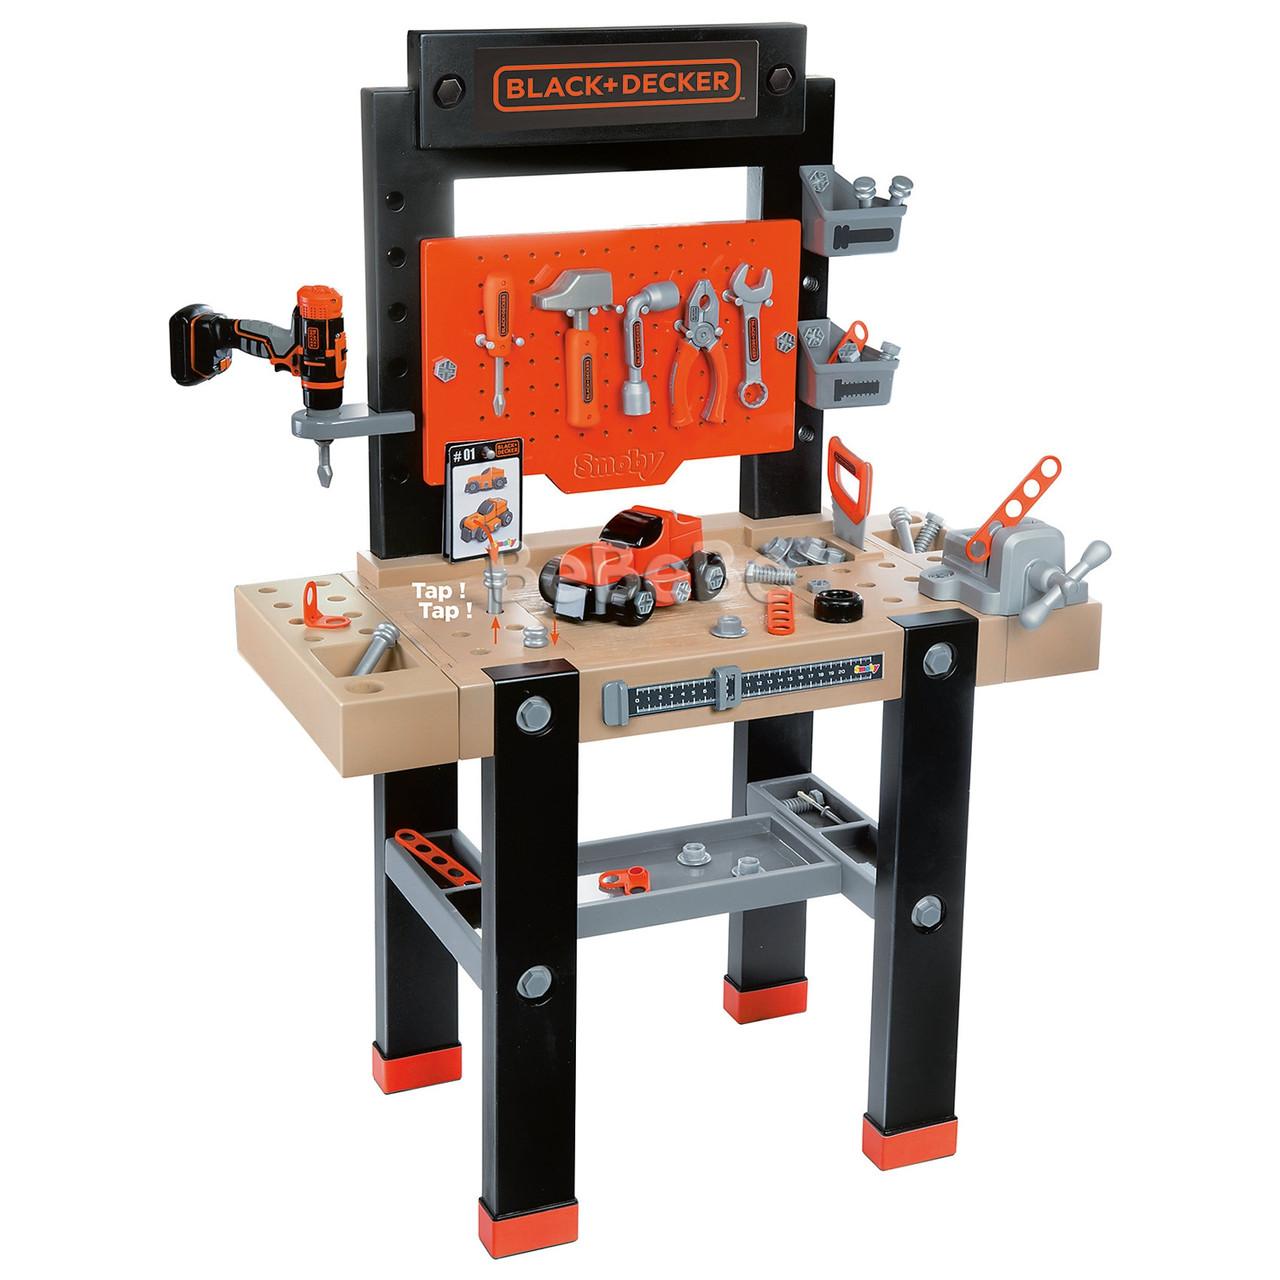 Мастерская инструментов Black & Decker Smoby 360701